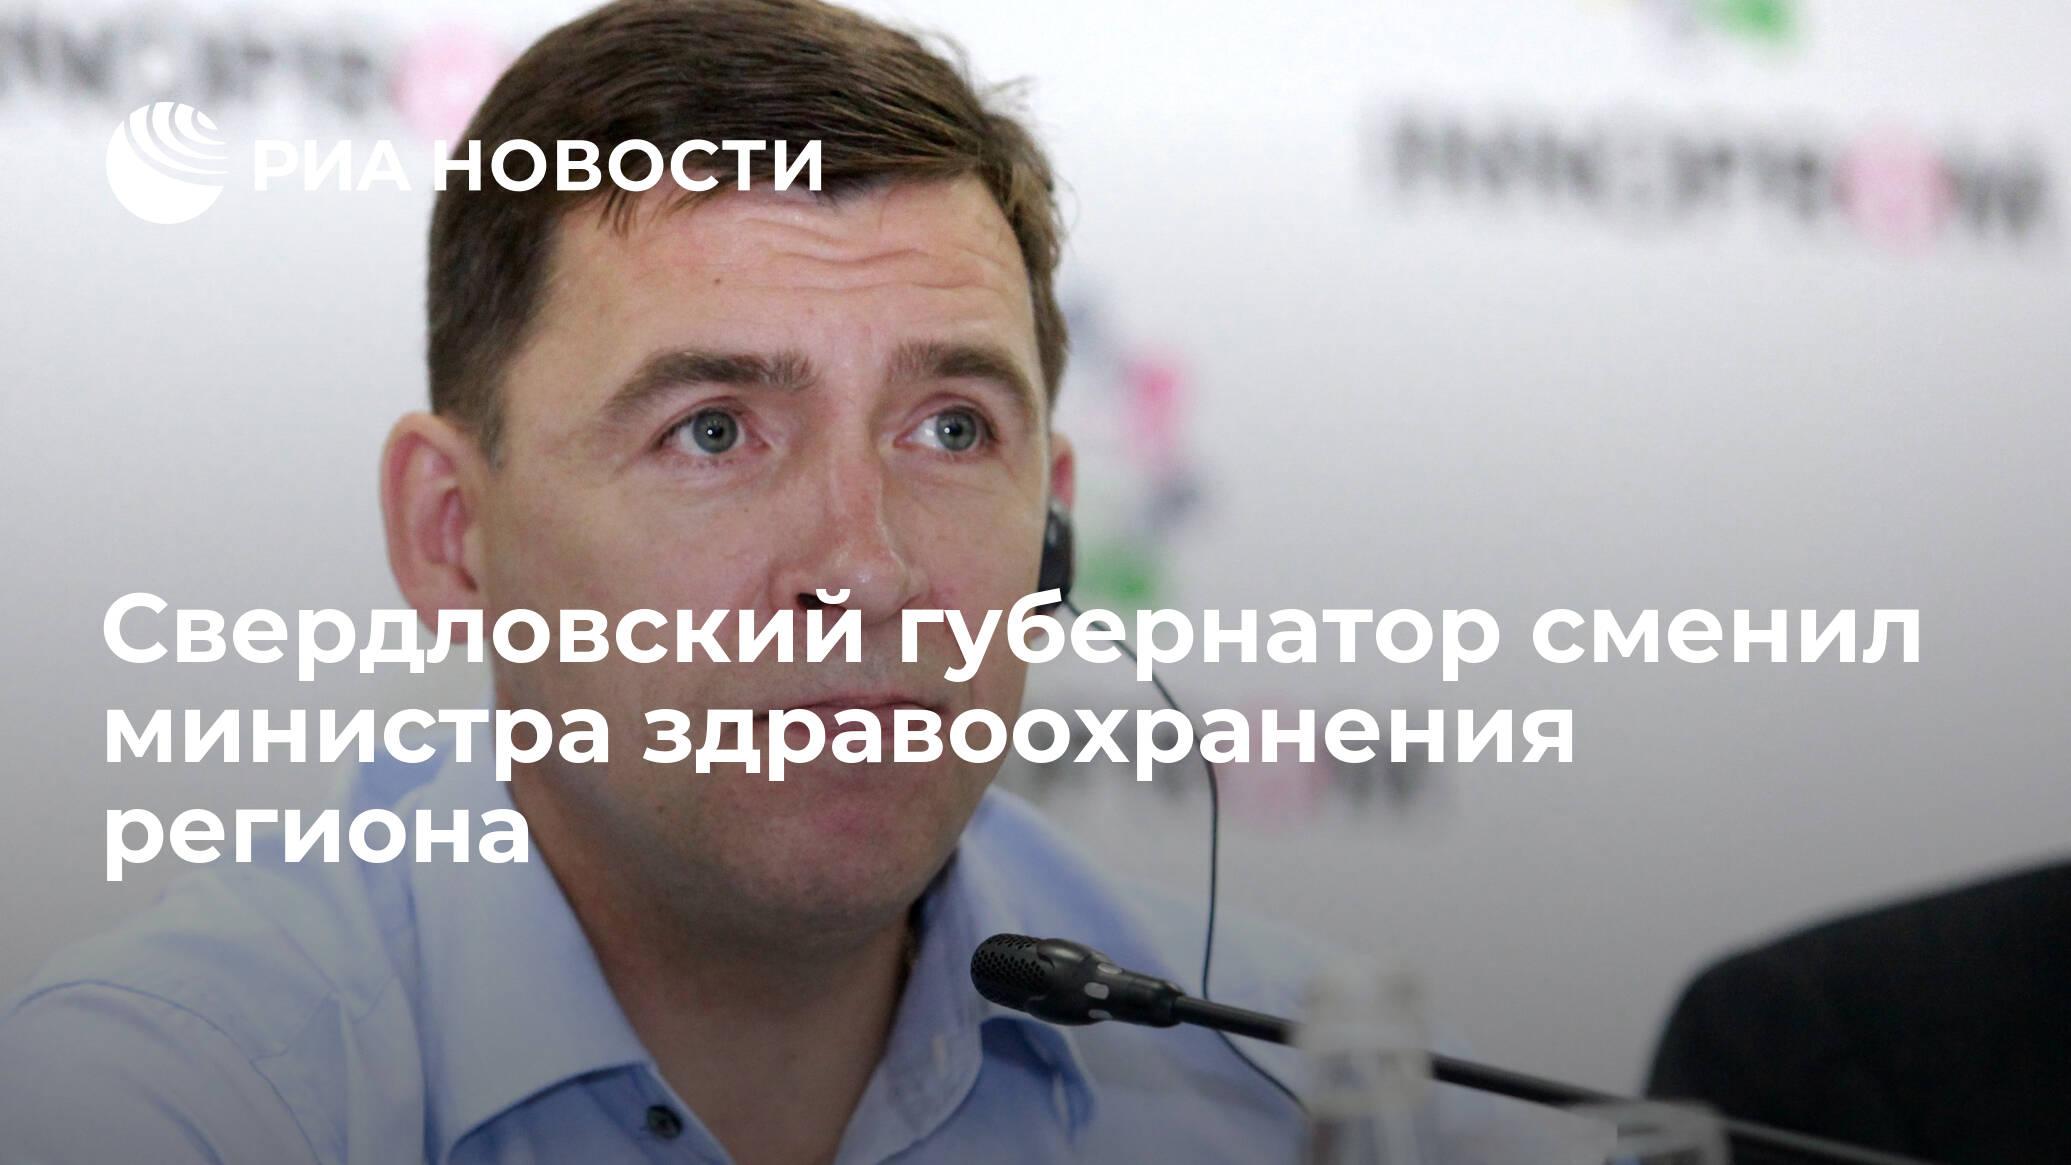 Свердловский губернатор сменил министра здравоохранения региона